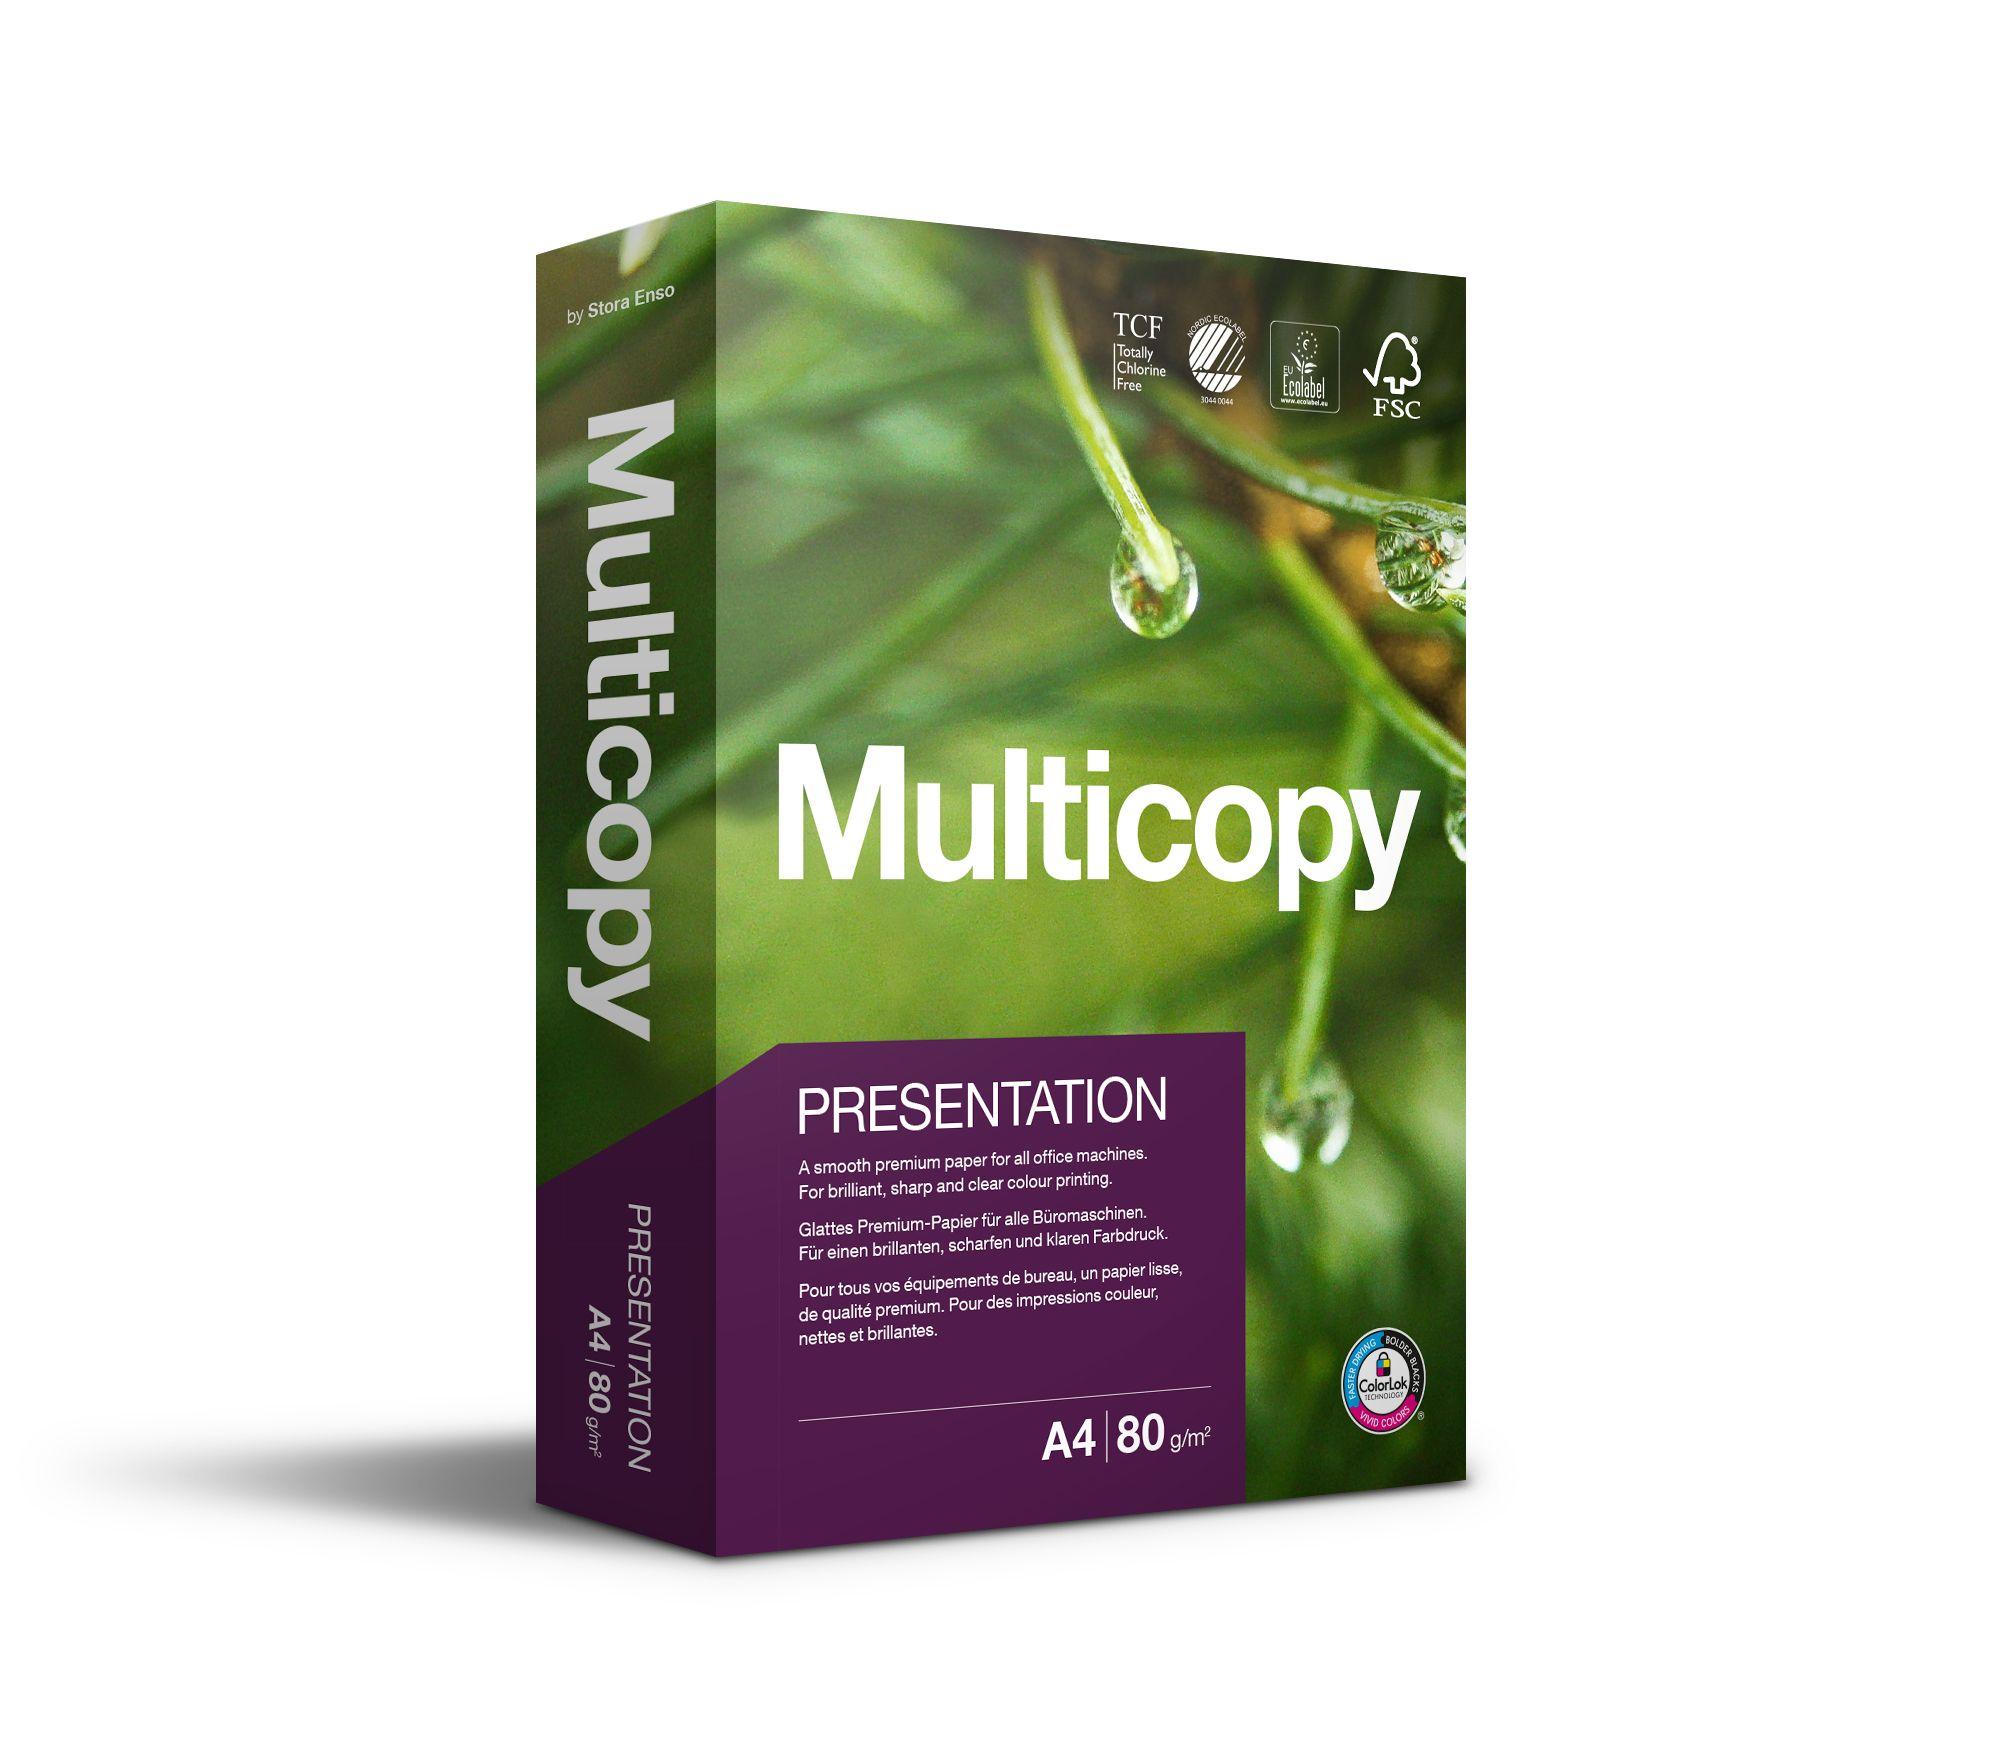 Multicopy kopipapir Presentation, A4, 80g (bunt med 500 ark) 172601